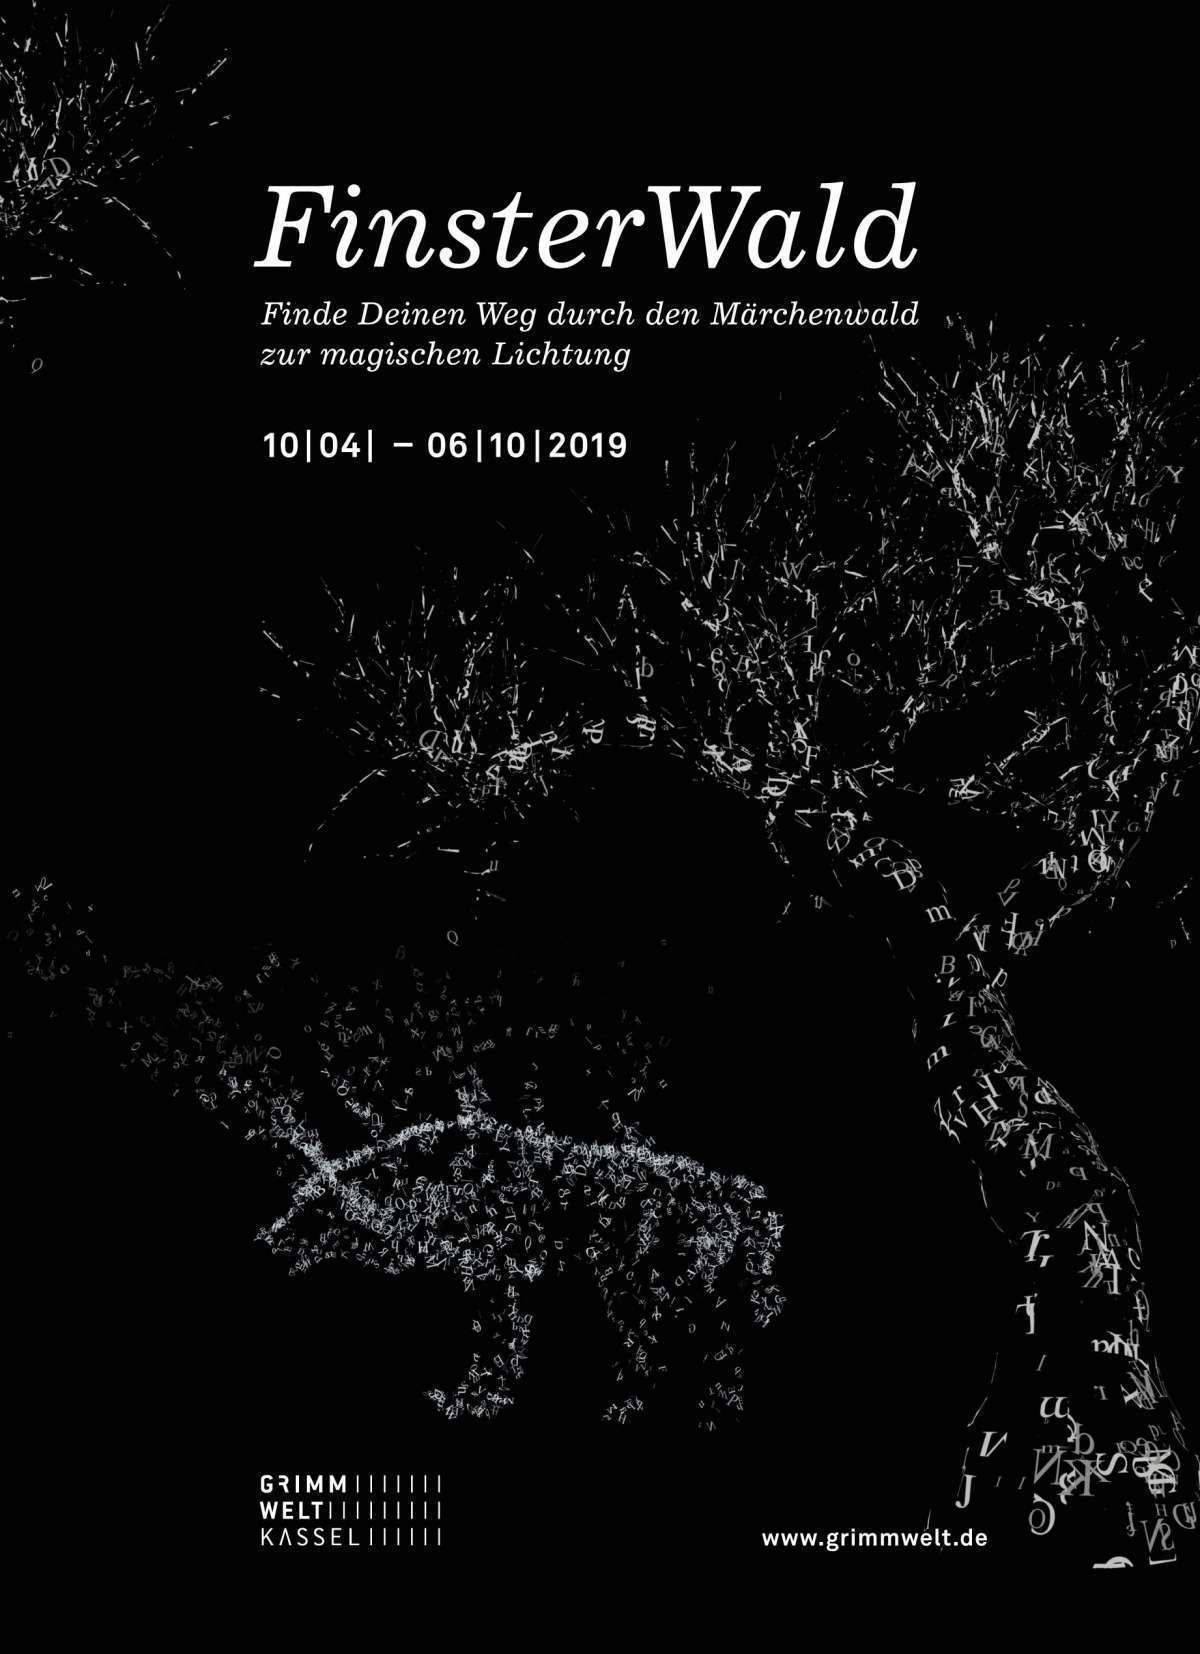 Veranstaltungen & Events am »Mittwoch, 18. September 2019« in deiner Nähe...